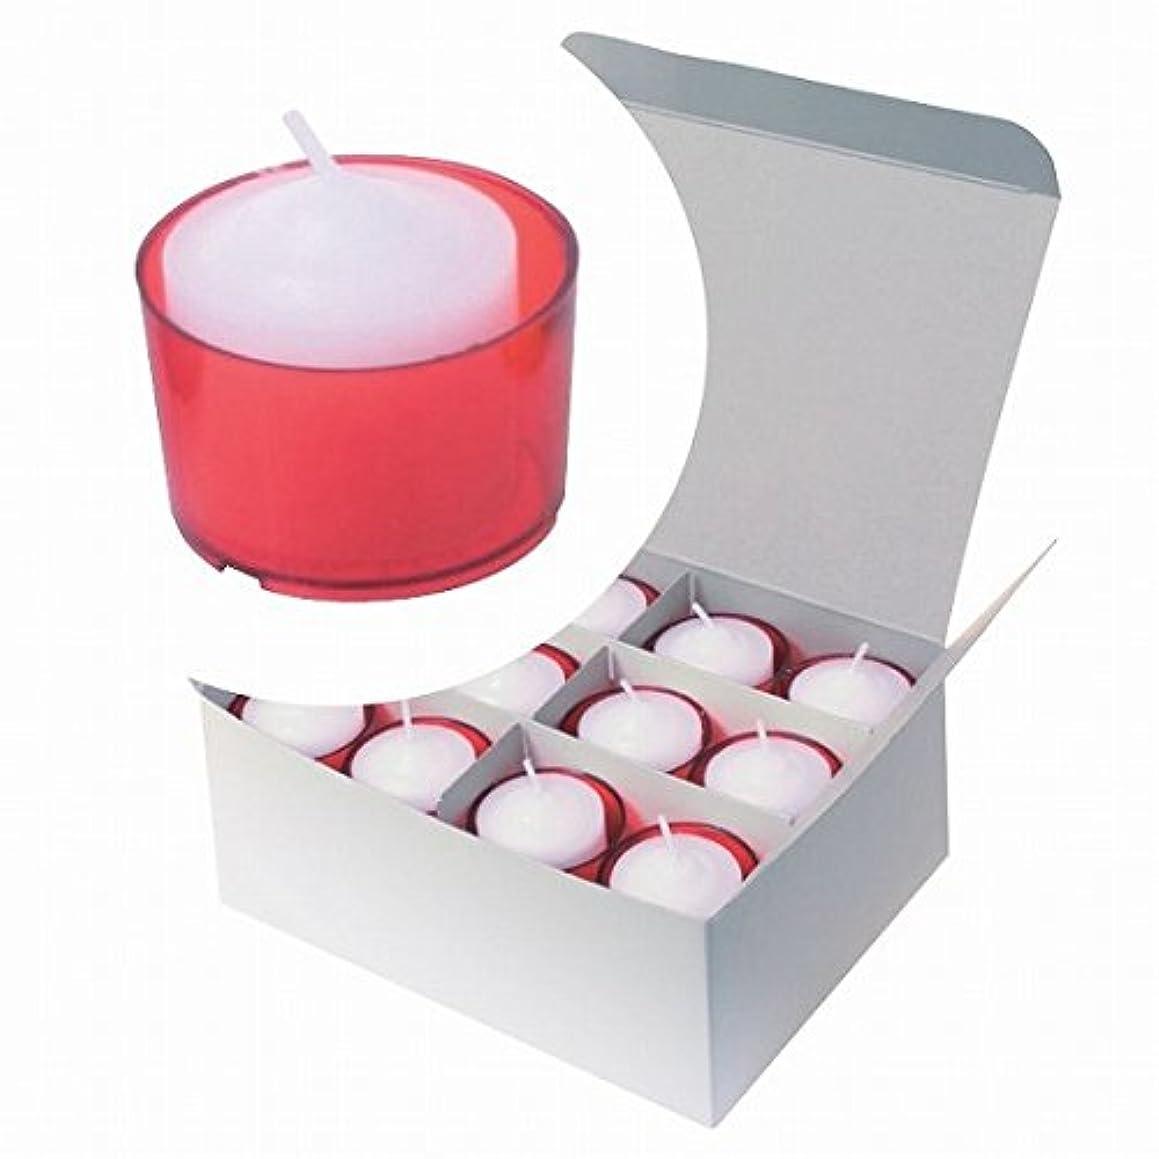 左疑わしいアトラスカメヤマキャンドル( kameyama candle ) カラークリアカップボーティブ6時間タイプ 24個入り 「 レッド 」